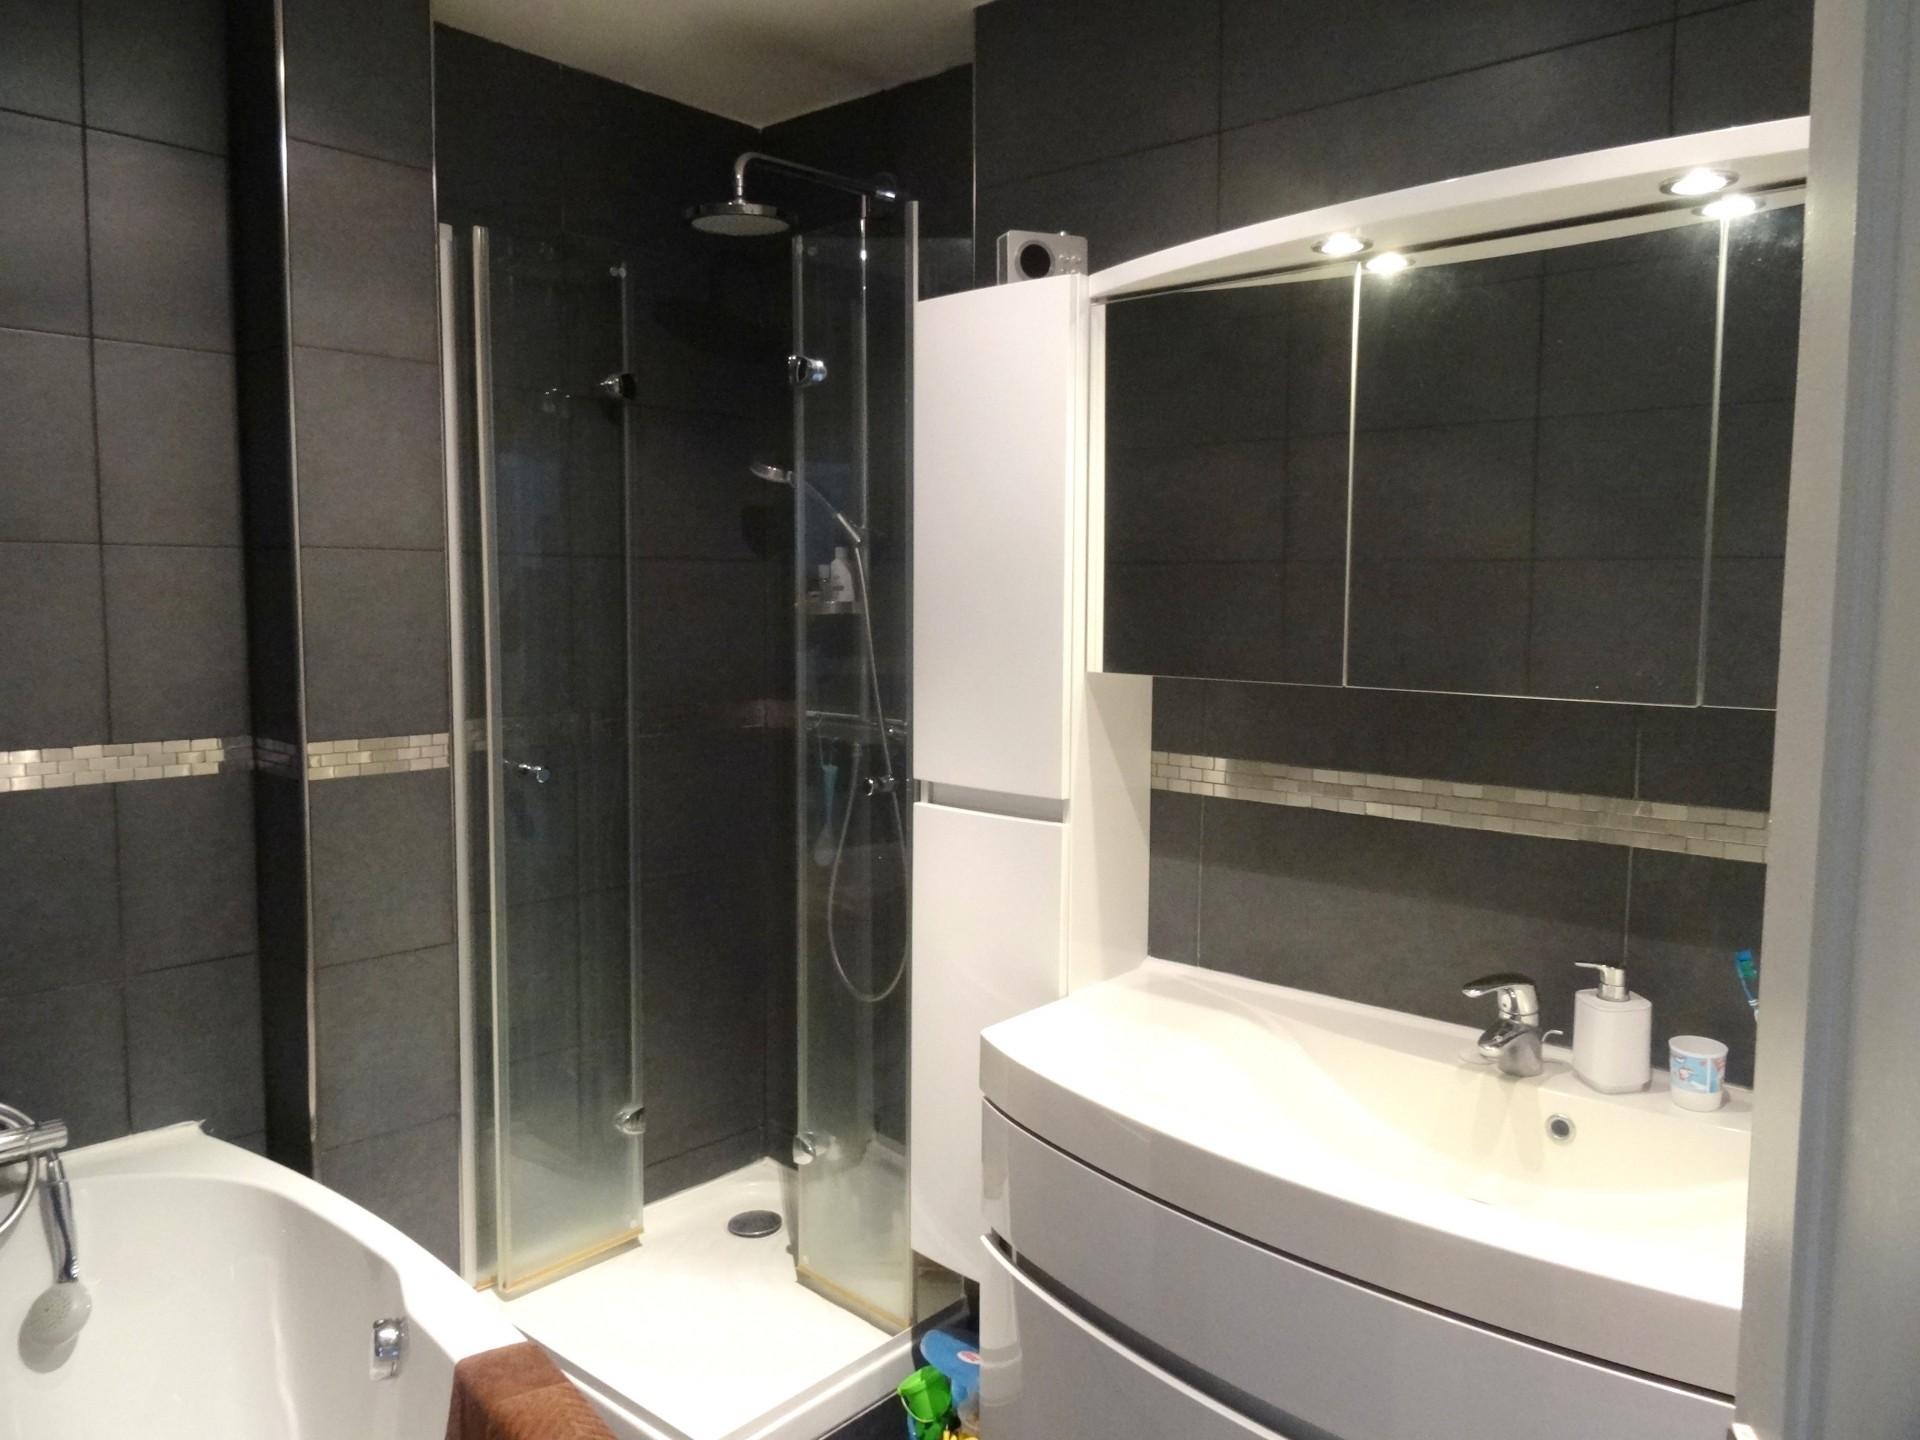 la-clef-des-villes-agence-immobiliere-boulogne-billancourt-photo-route-de-la-reine-salle-de-bain-moderne